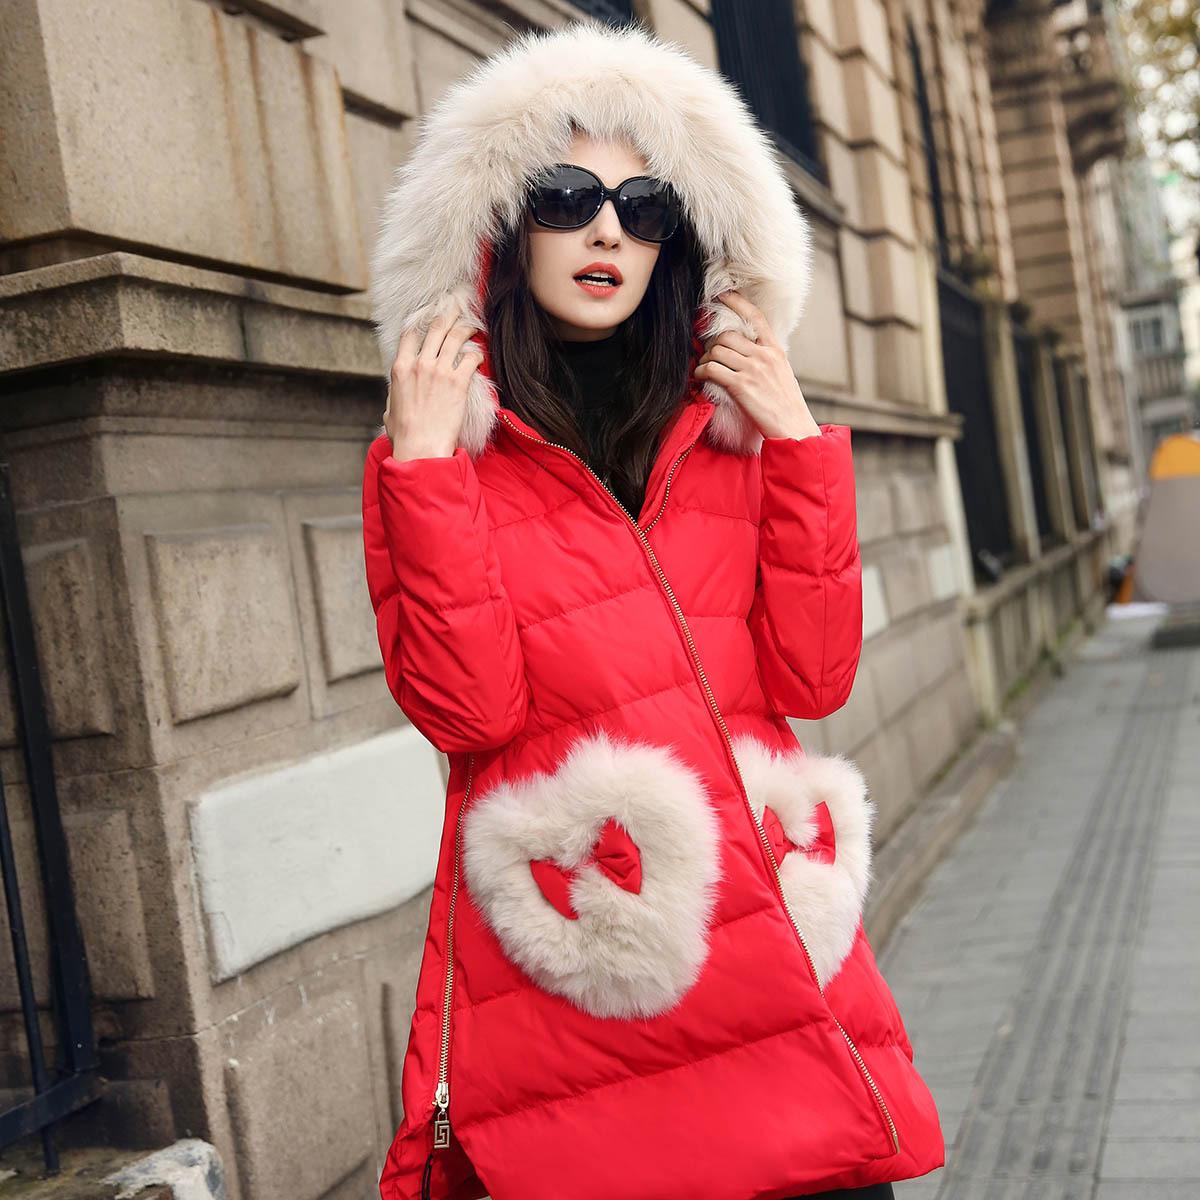 特价2014新款韩版加厚冬装修身外套轻薄羽绒服女短款超大码女装潮